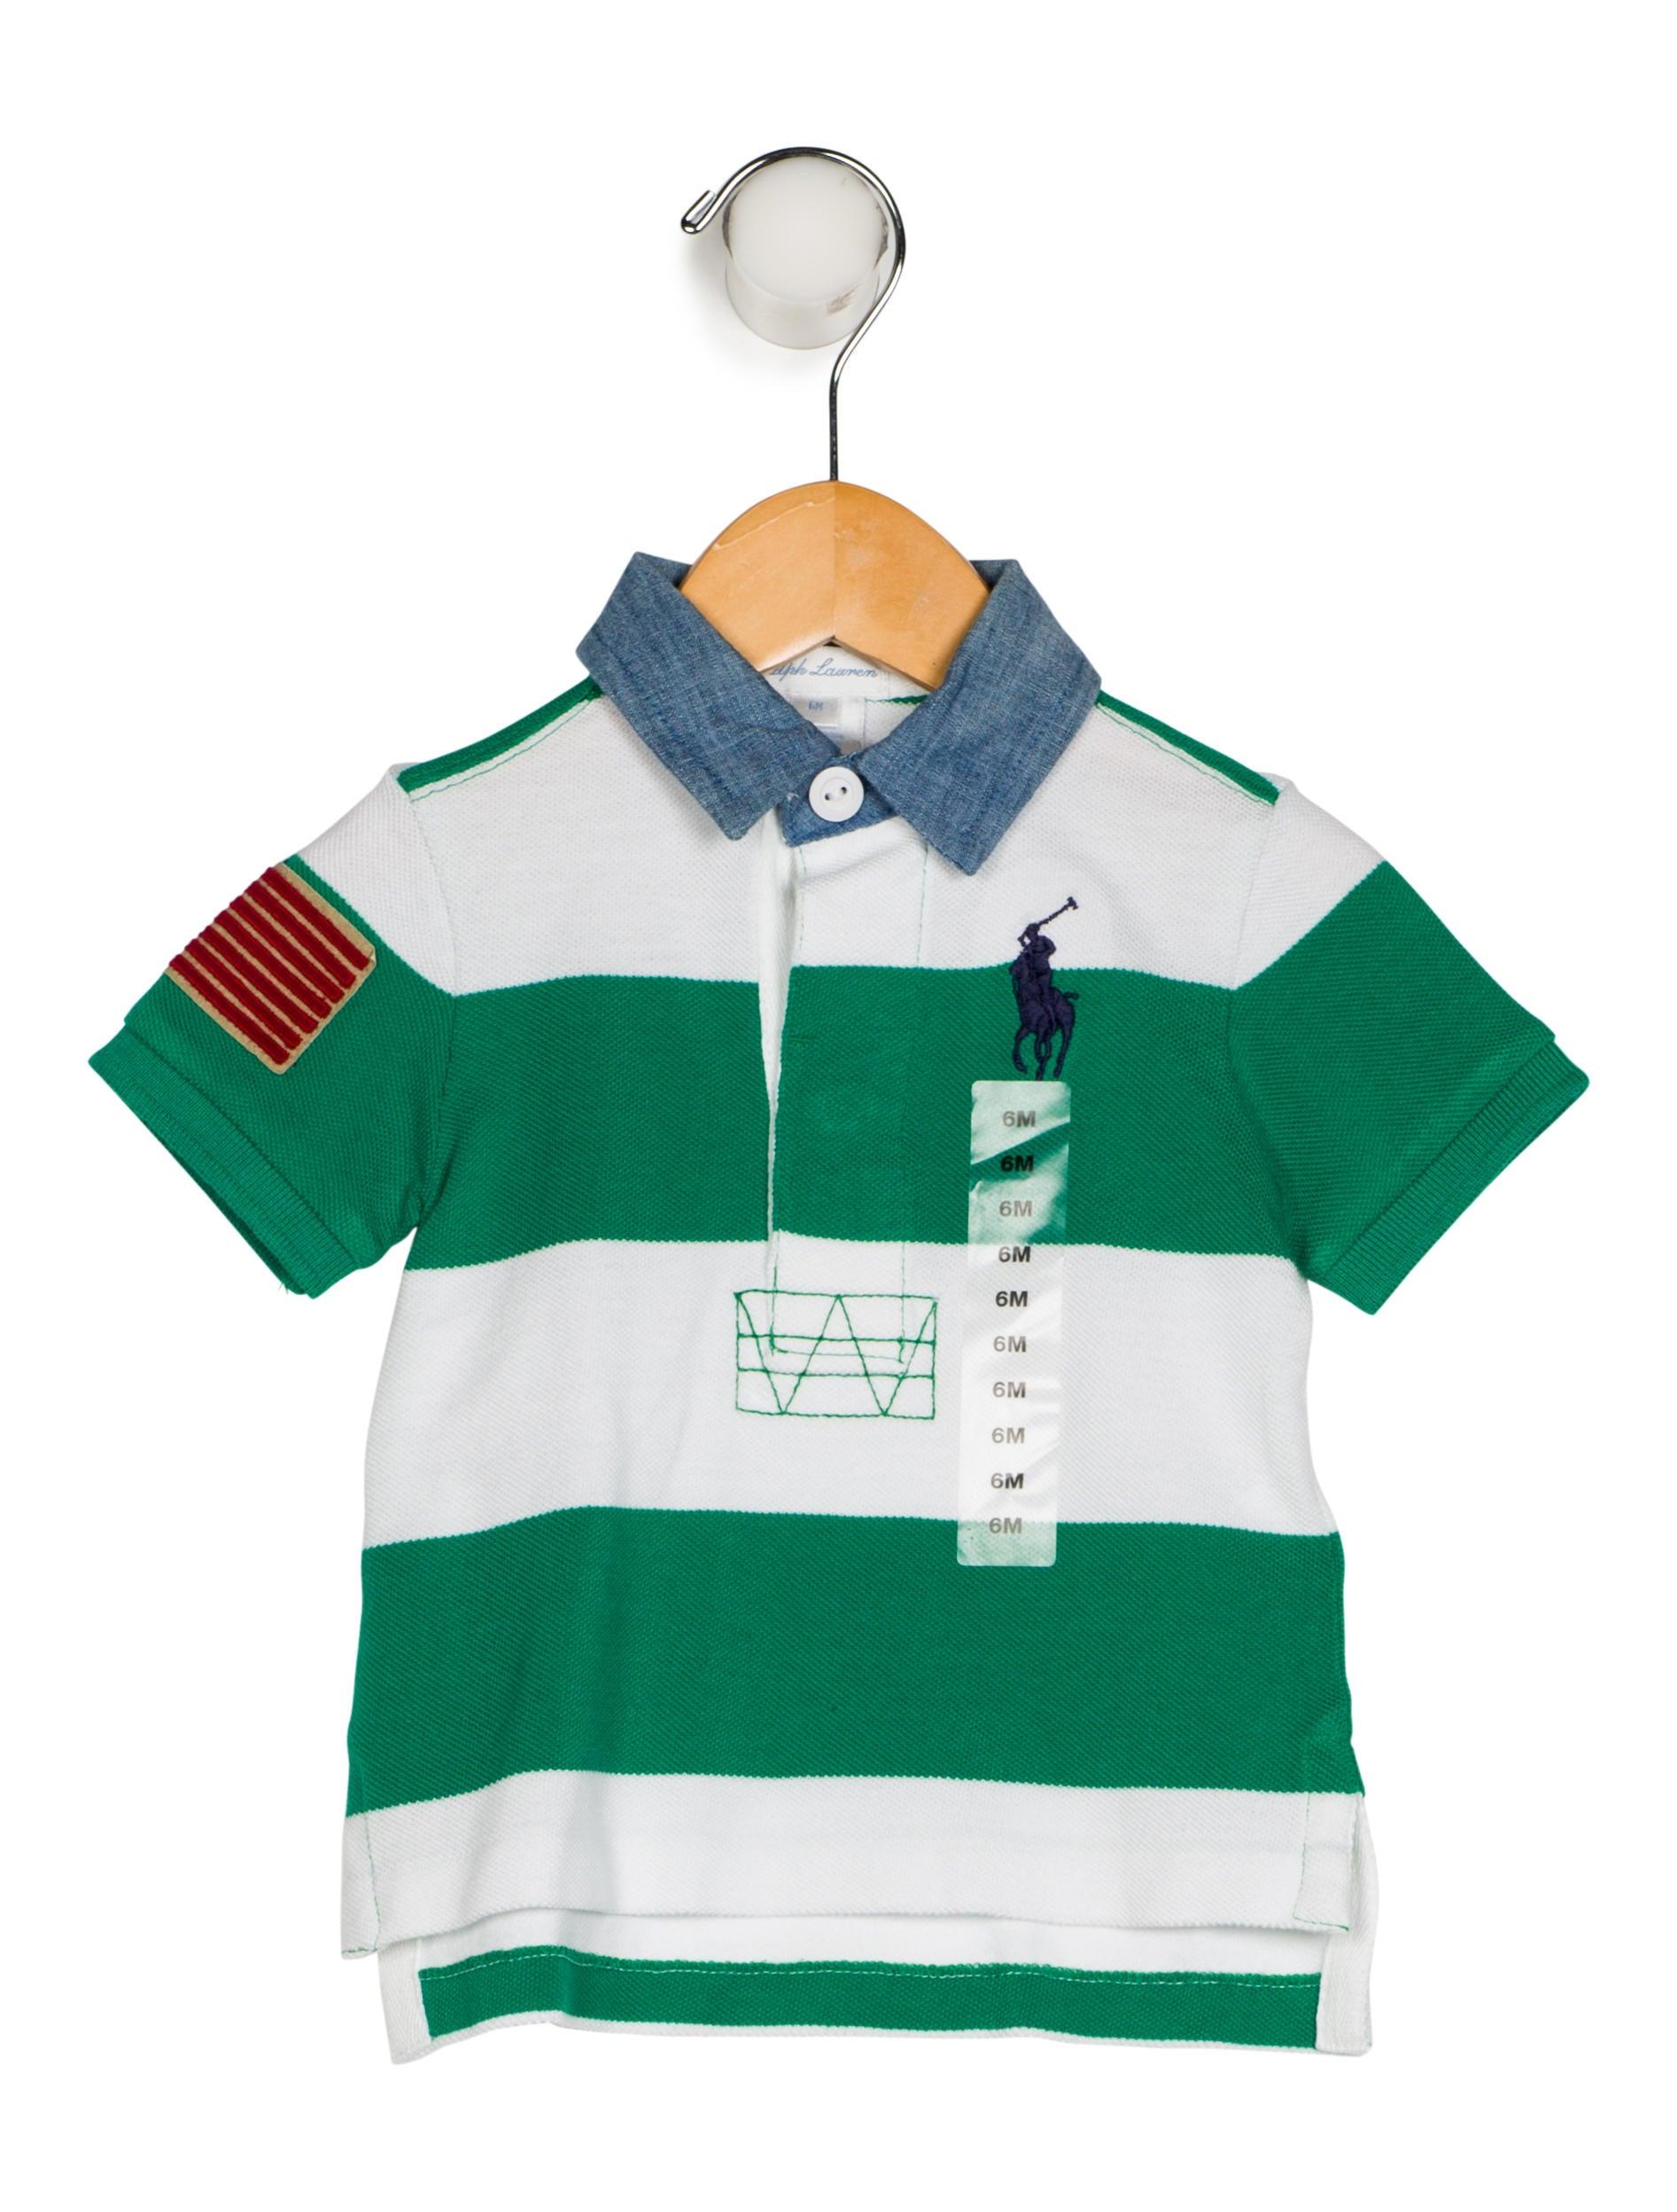 Toddler Boy Green Collared Shirt Lauren Goss